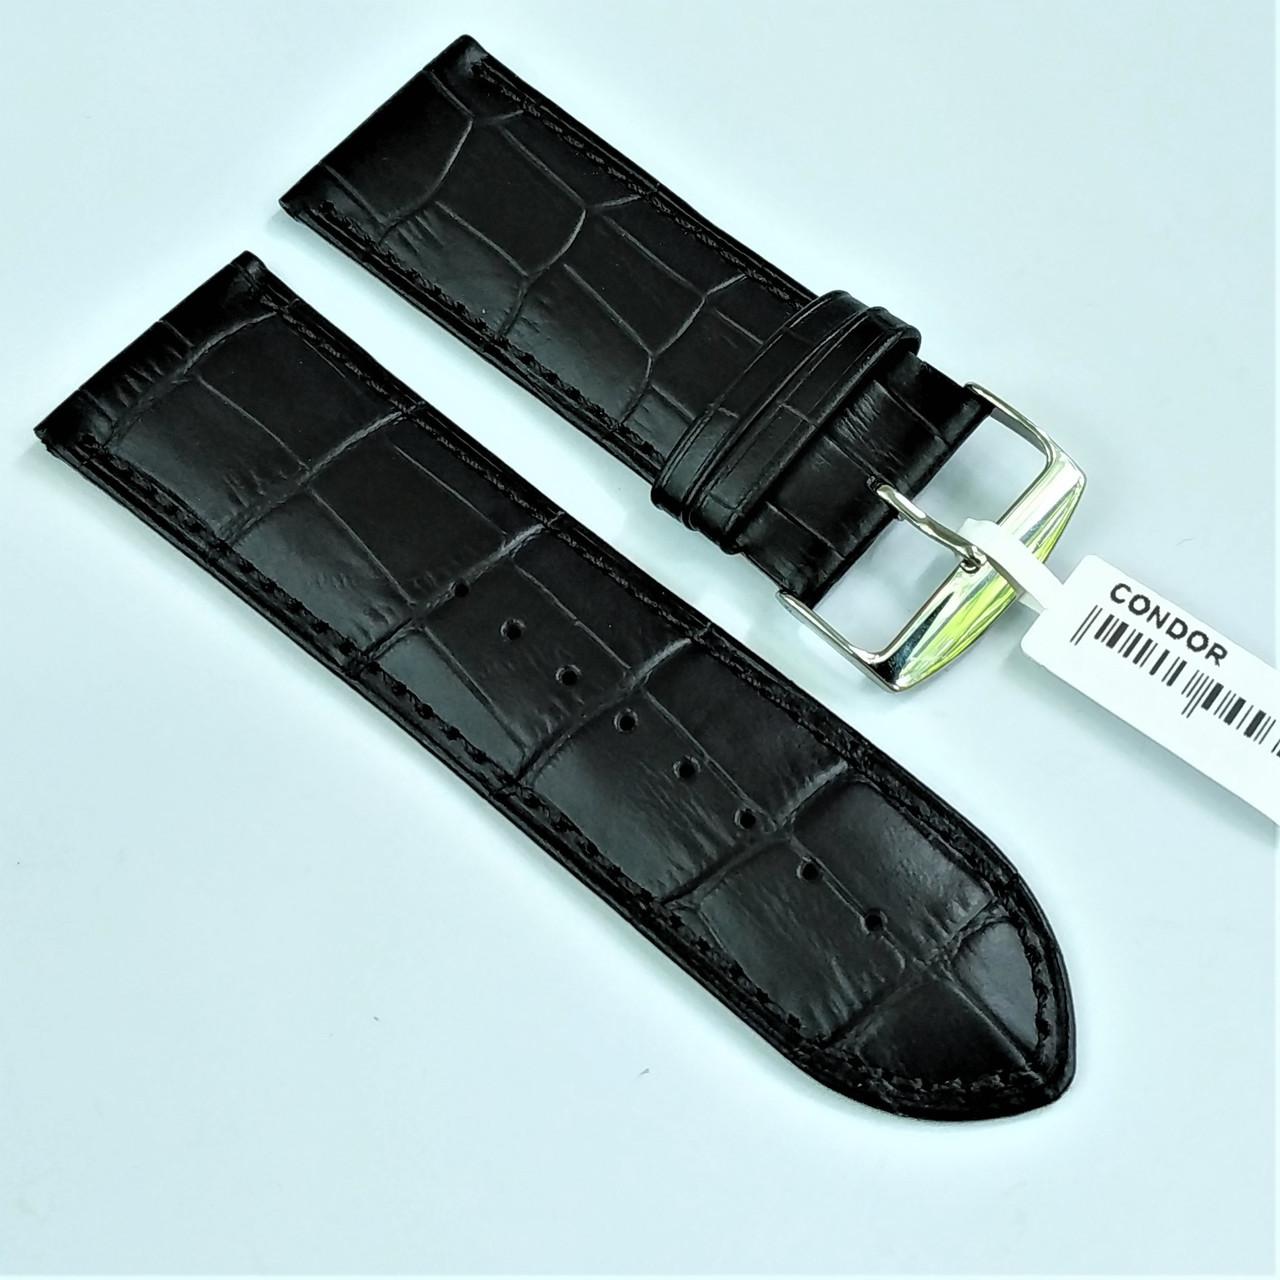 28 мм Кожаный Ремешок для часов CONDOR 305.28.01 Черный Ремешок на часы из Натуральной кожи